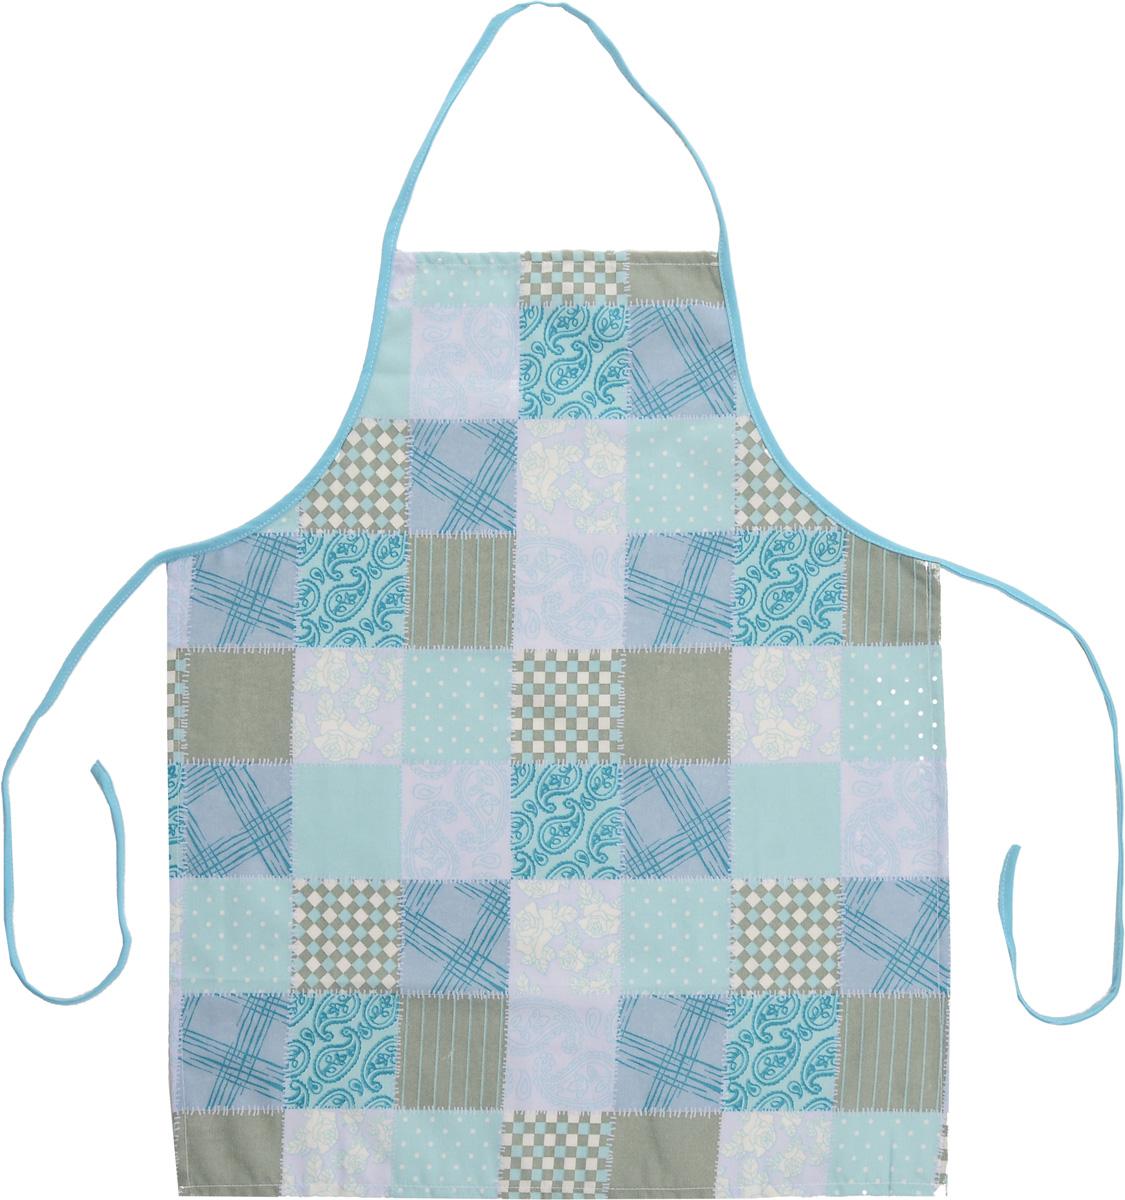 """Фартук Bonita """"Голубика"""" изготовлен из натурального хлопка с покрытием, которое отталкивает грязь, воду и масло. Фартук оснащен завязками. Имеет универсальный размер. Декорирован красивым узором, который понравится любой хозяйке.  Такой фартук поможет вам избежать попадания еды на одежду во время приготовления пищи.  Кухня - это сердце дома, где вся семья собирается вместе. Она бережно хранит и поддерживает жизнь домашнего очага, который нас согревает. Именно поэтому так важно создать здесь атмосферу, которая не только возбудит аппетит, но и наполнит жизненной энергией.  С текстилем """"Bonita"""" открывается возможность не только каждый день дарить кухне новый облик, но и создавать настоящие кулинарные шедевры. """"Bonita"""" станет незаменимым помощником и идейным вдохновителем, создающим вкусное настроение на вашей кухне."""